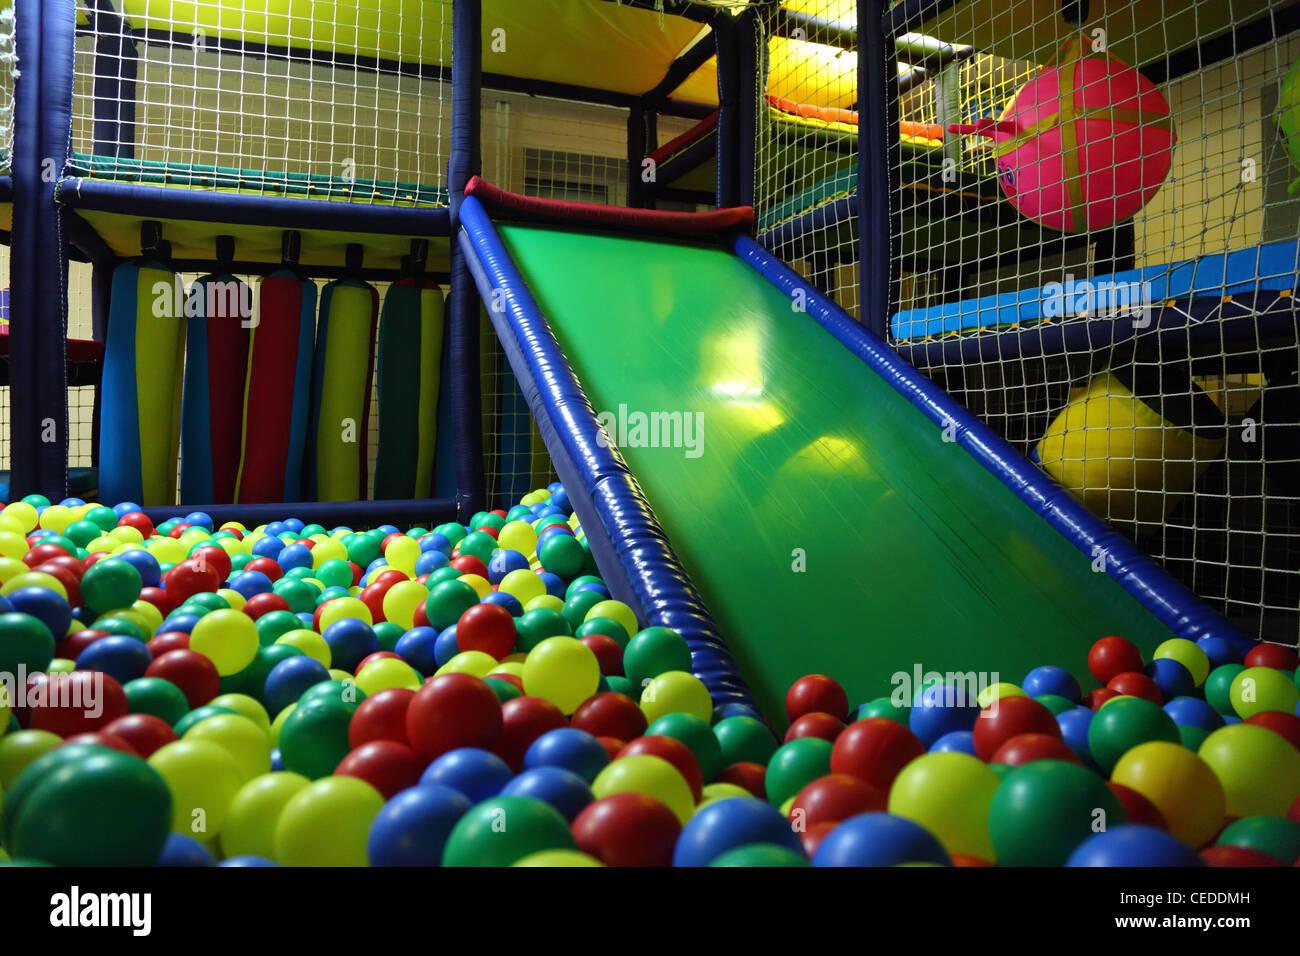 Sala Giochi Per Bambini : Sala giochi per bambini con palline multicolore foto & immagine